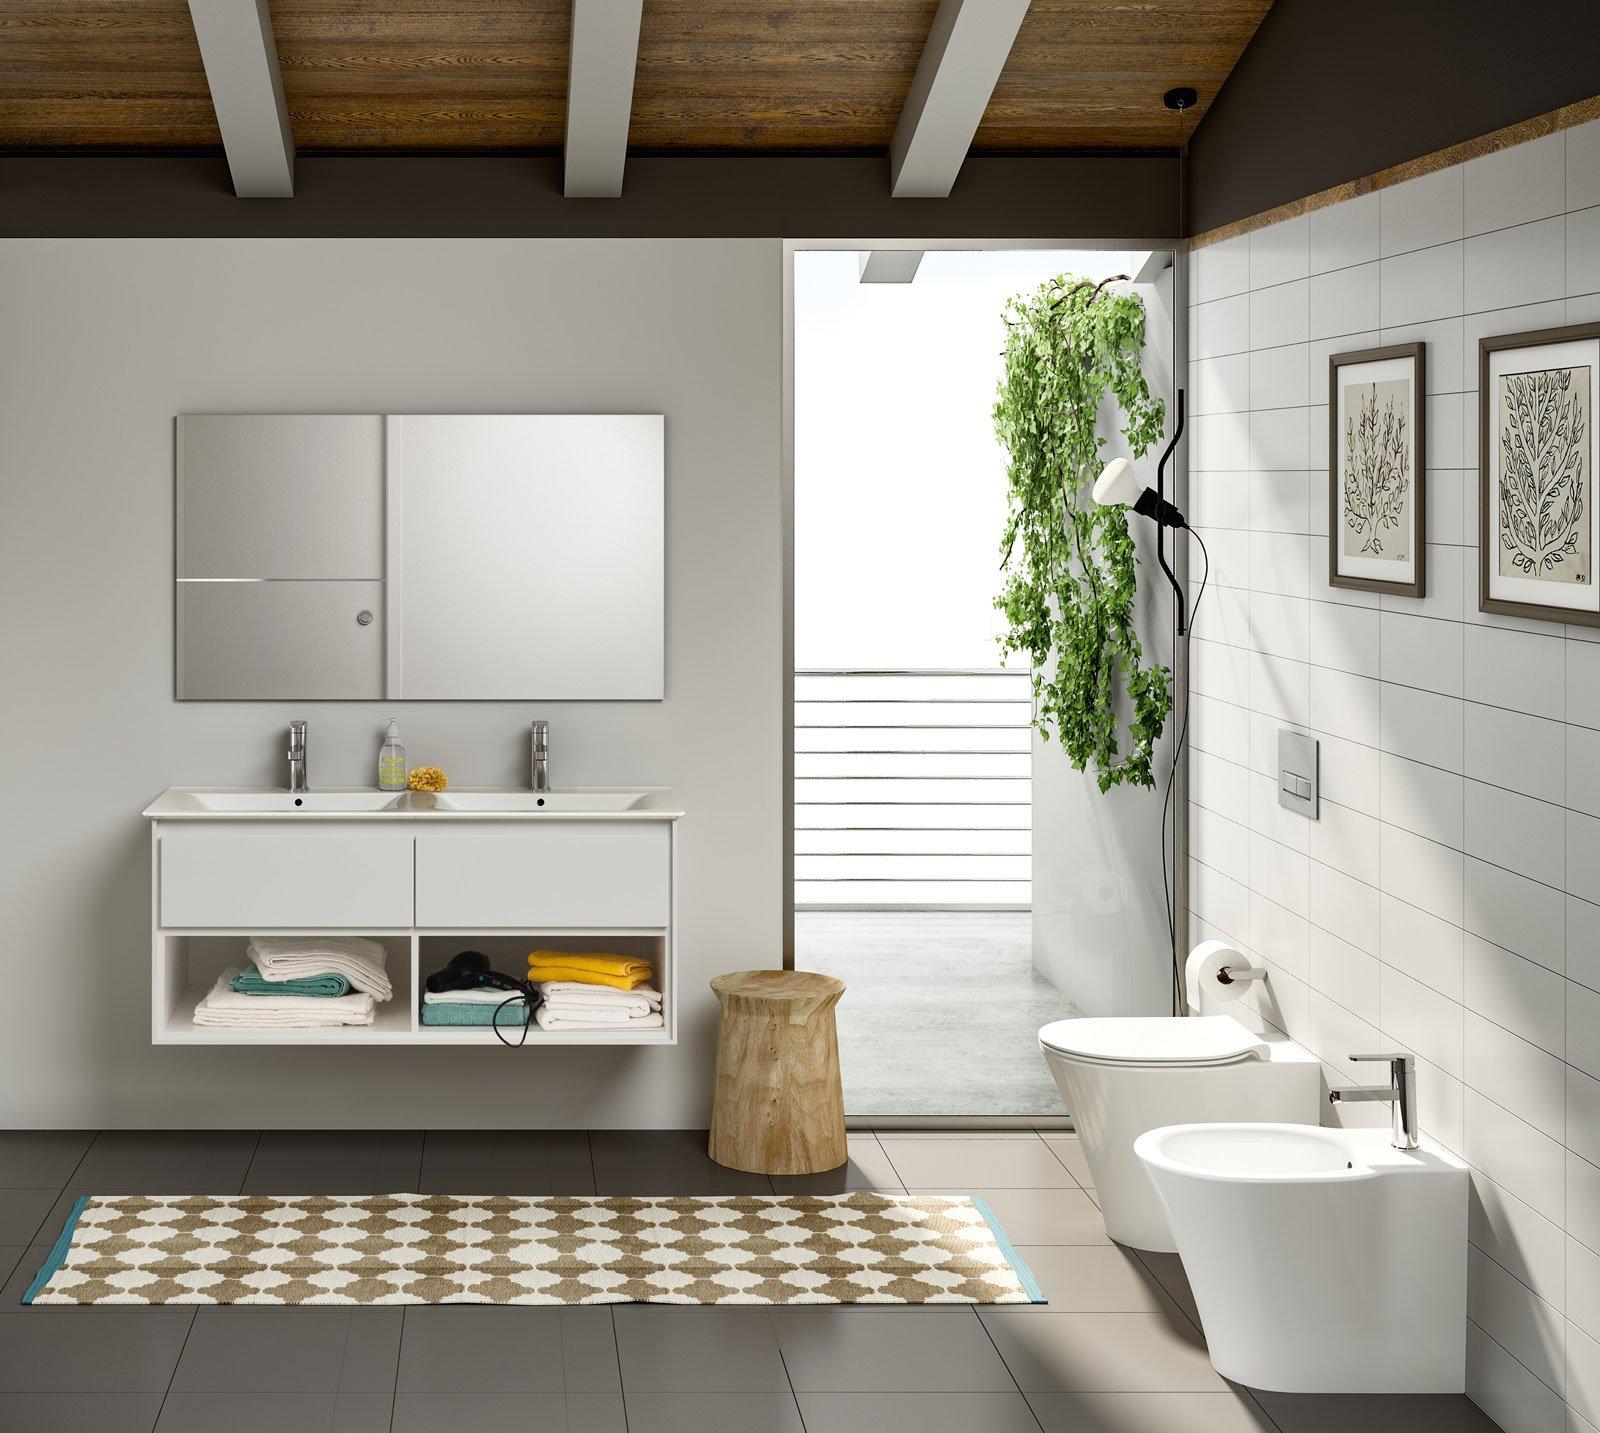 Ristrutturare il bagno di casa con la detrazione fiscale for Detrazione fiscale mobili